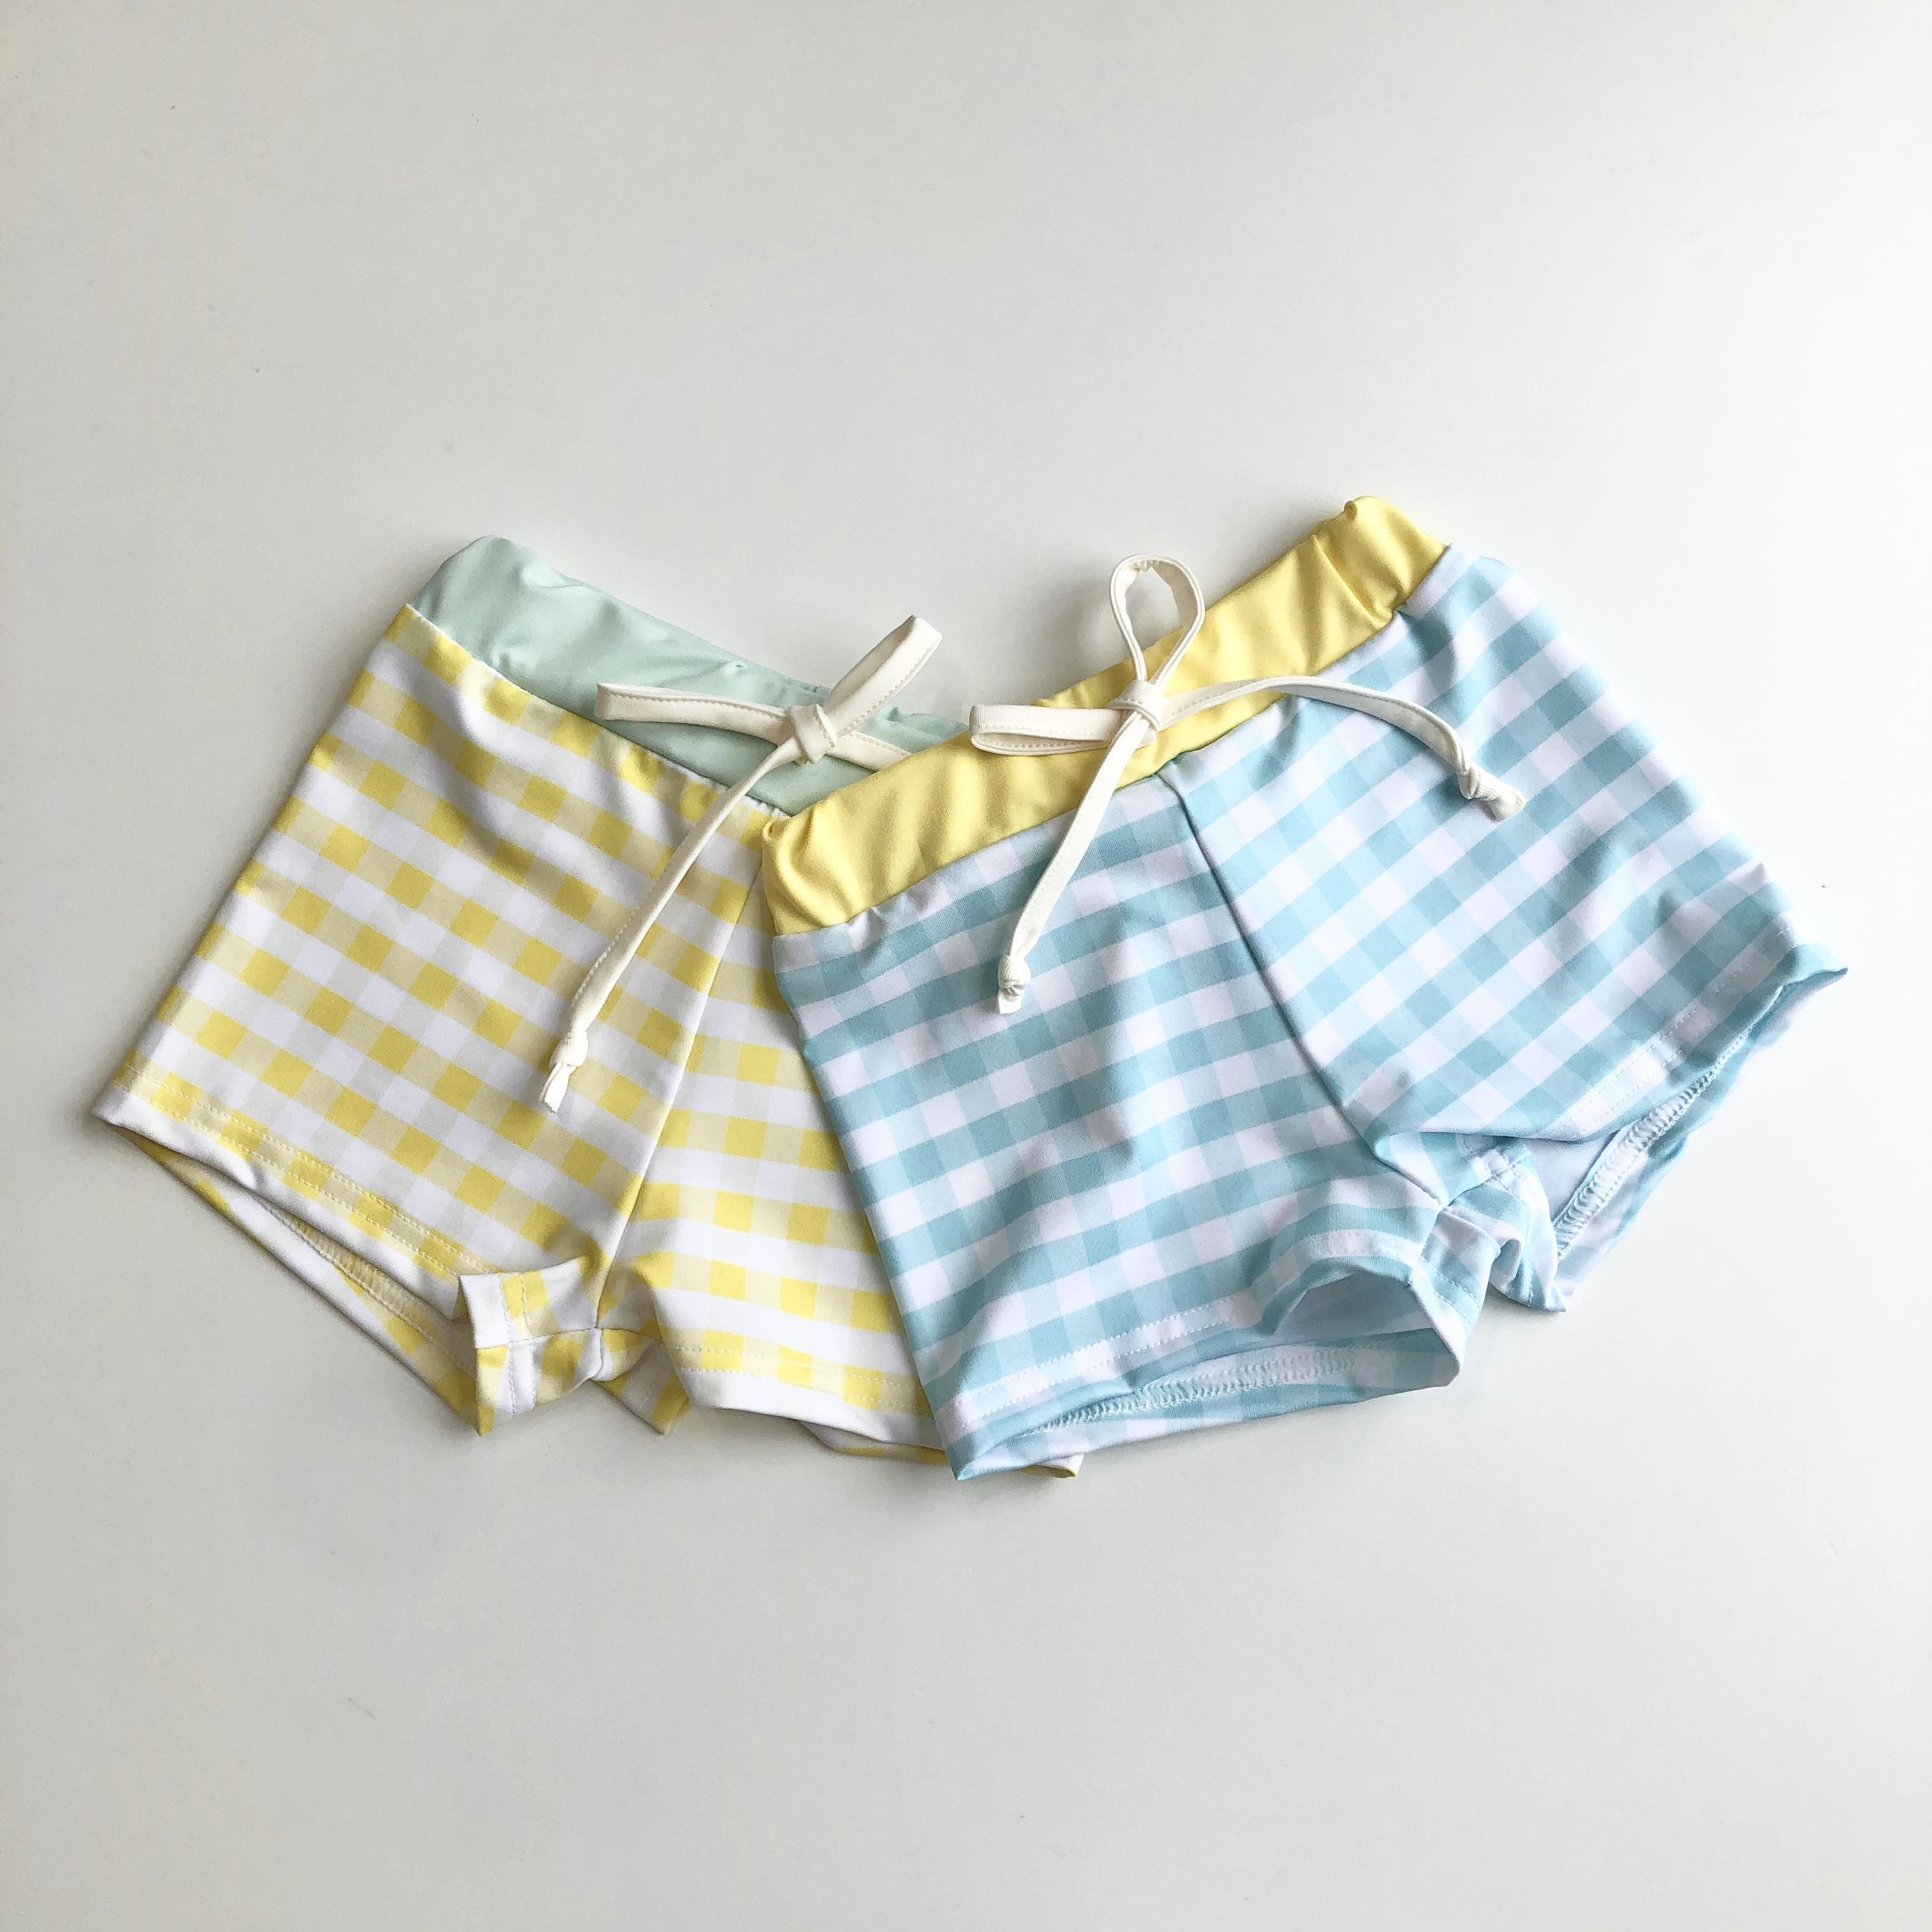 NO. 778 sorana swim wear